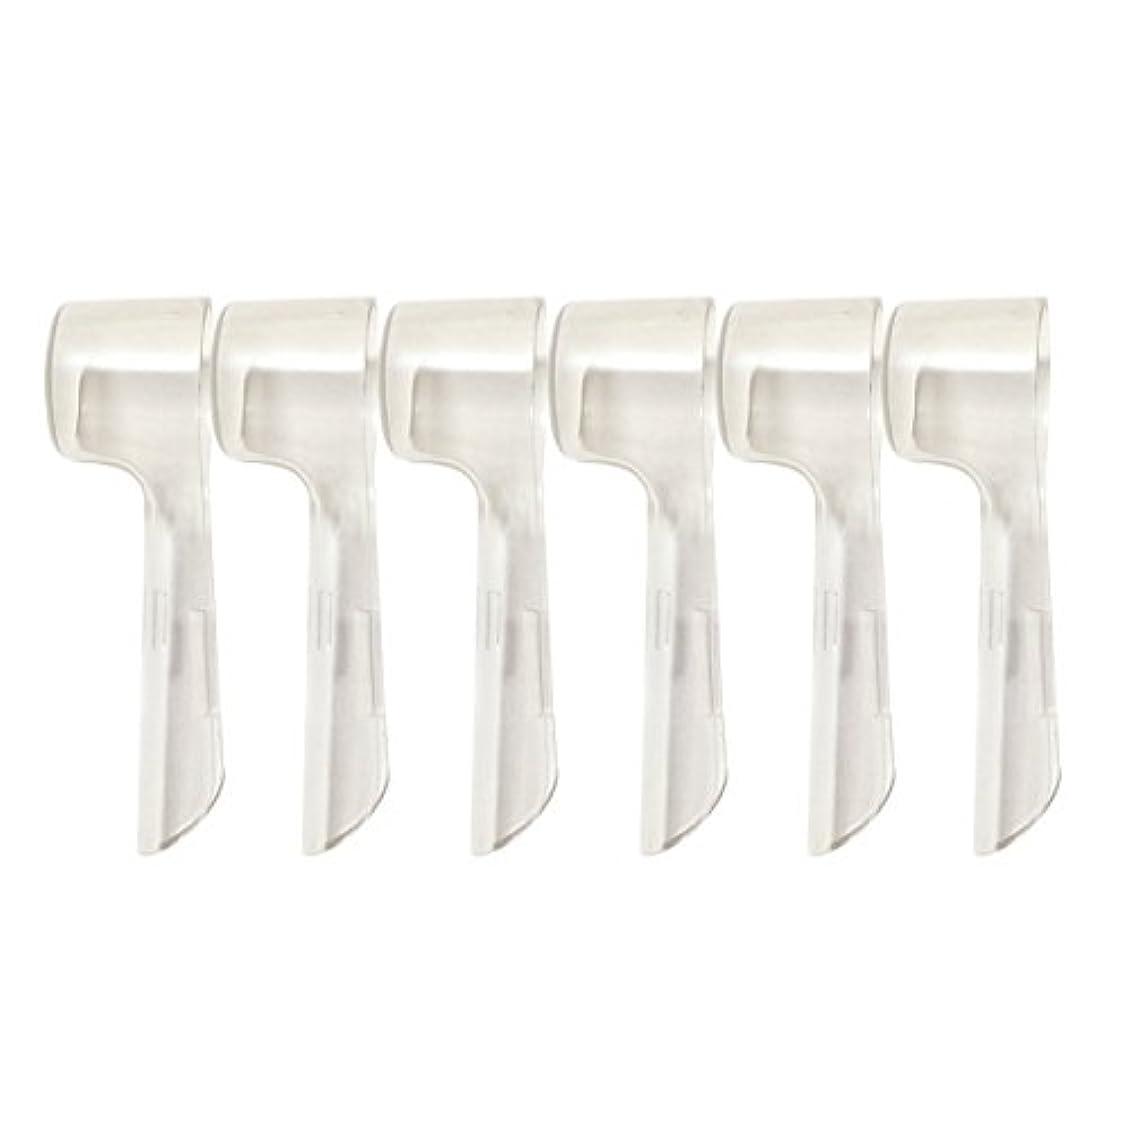 肥沃な申し込む兄弟愛SUPVOX 旅行のために便利な電動歯ブラシのための12本の歯ブラシのヘッドカバー